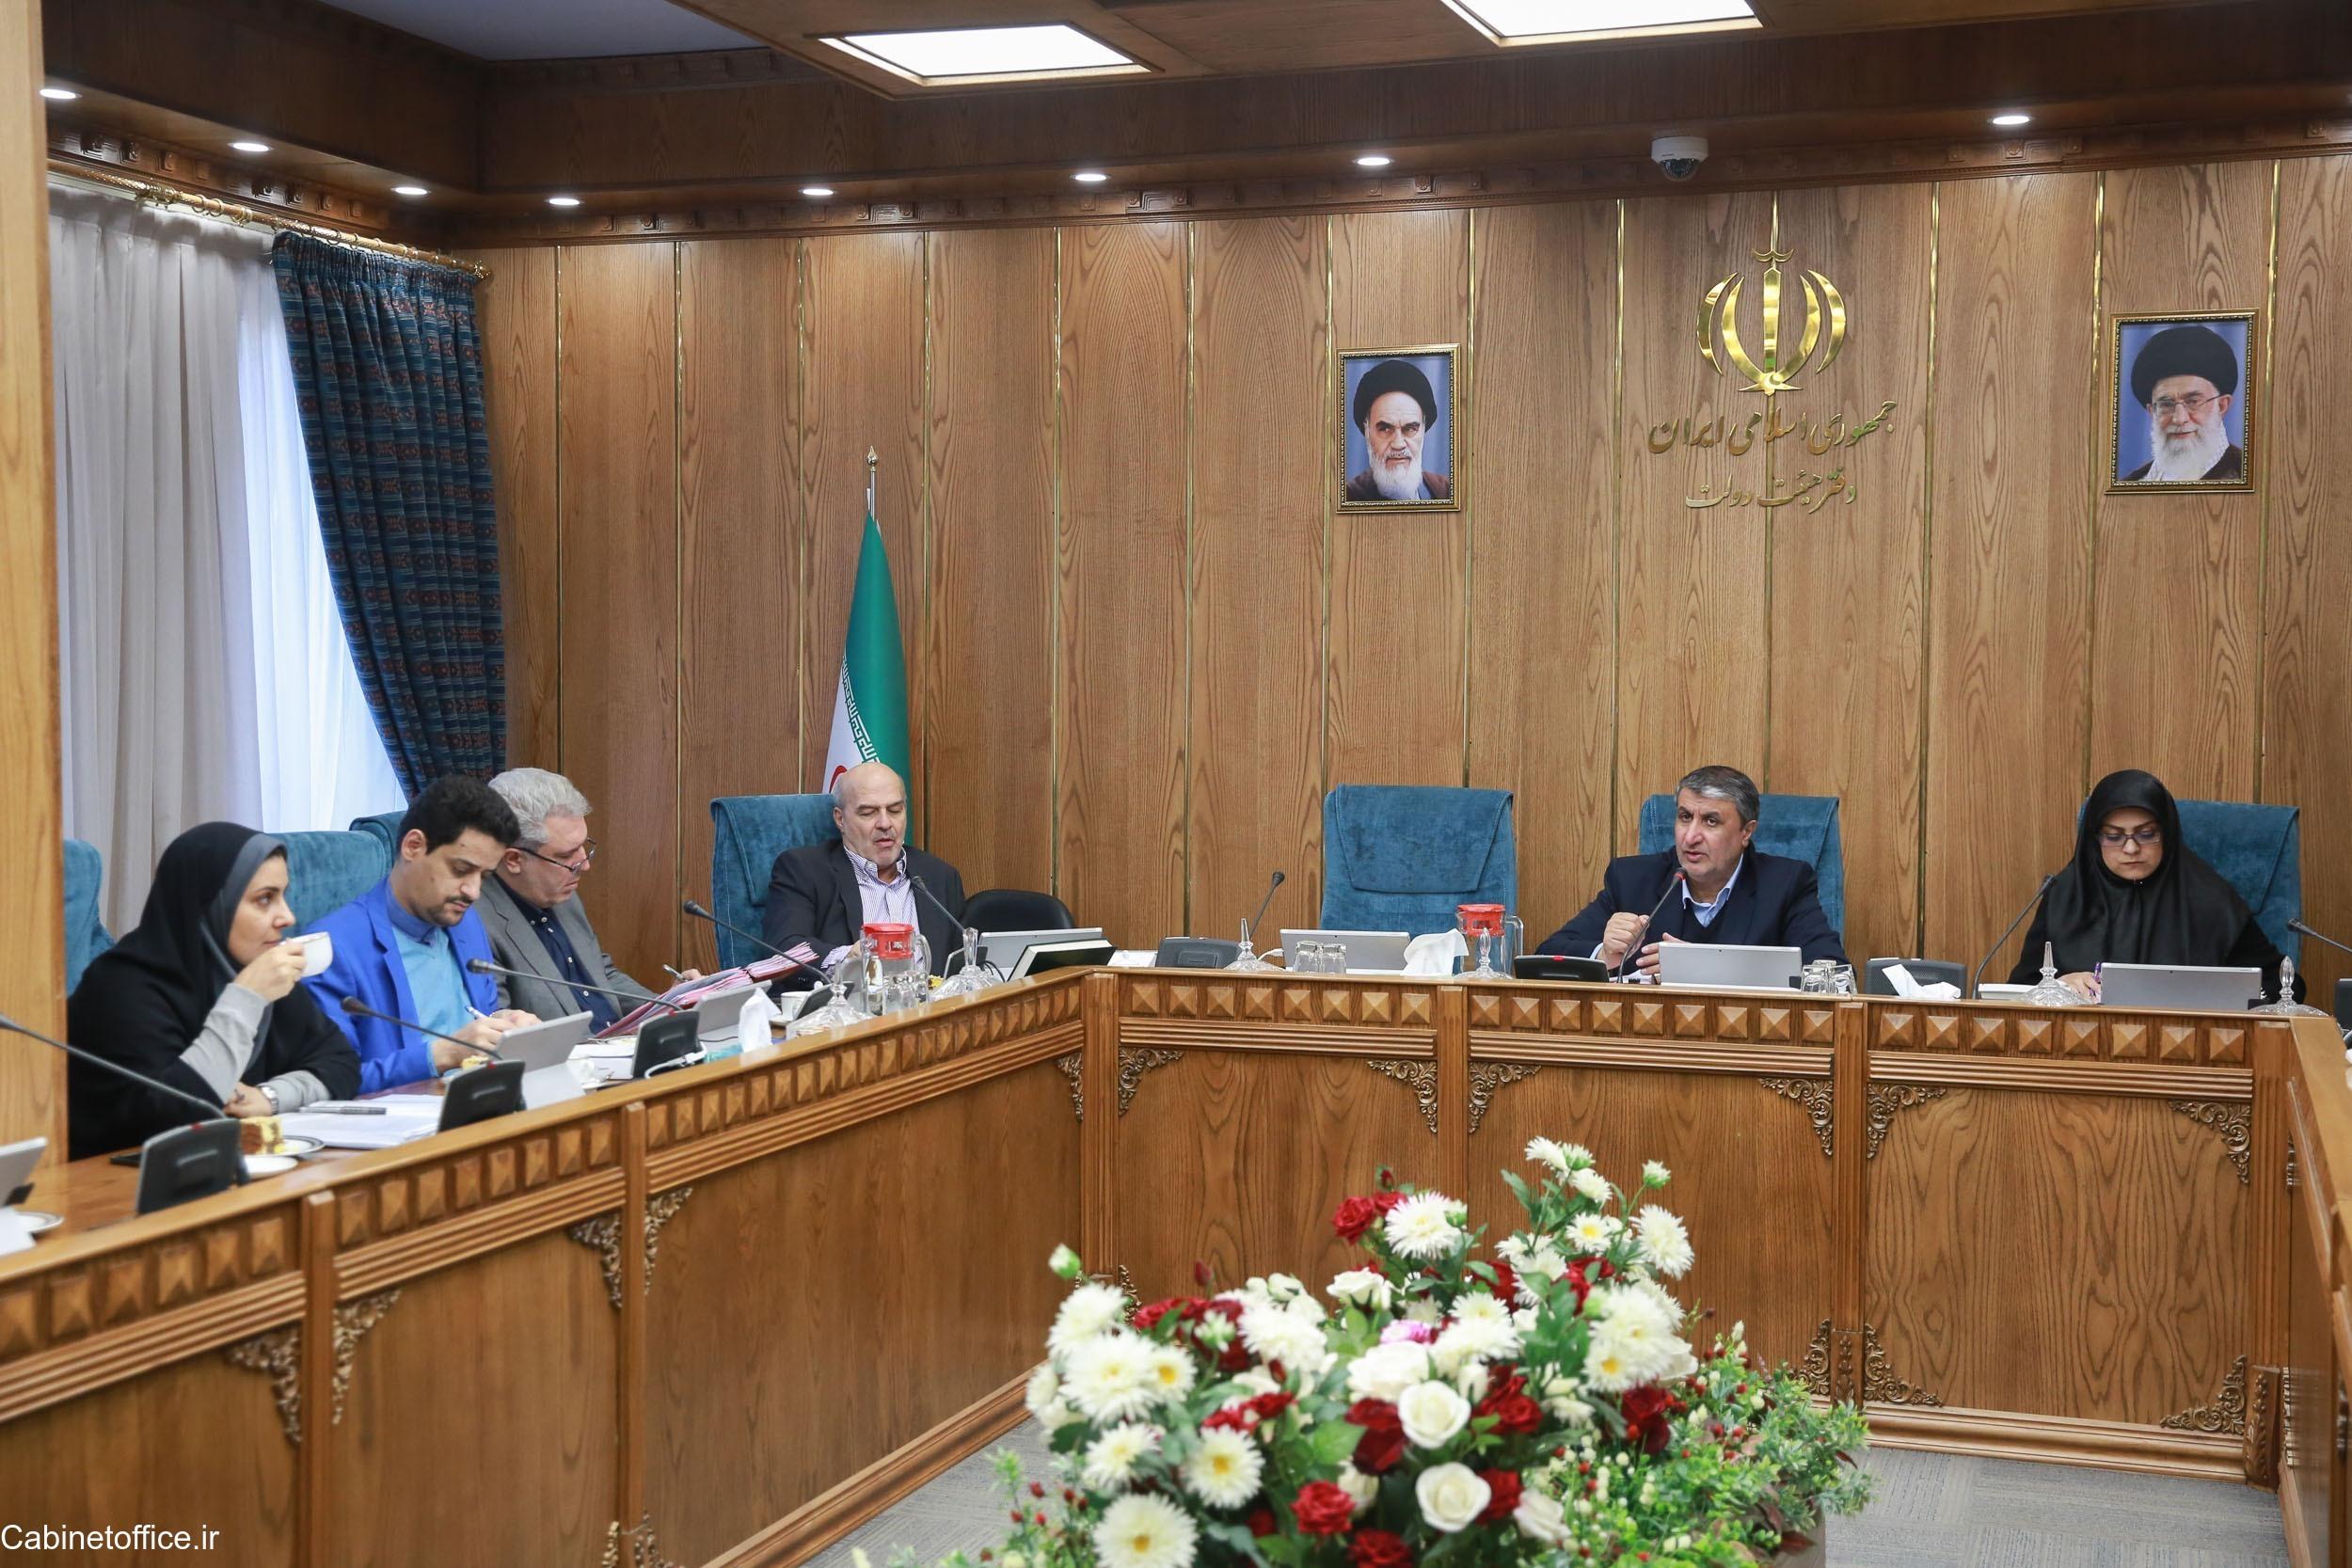 تصویب تعدادی از پیشنهادات دستگاههای اجرایی در کمیسیون امور زیربنایی هیئت دولت